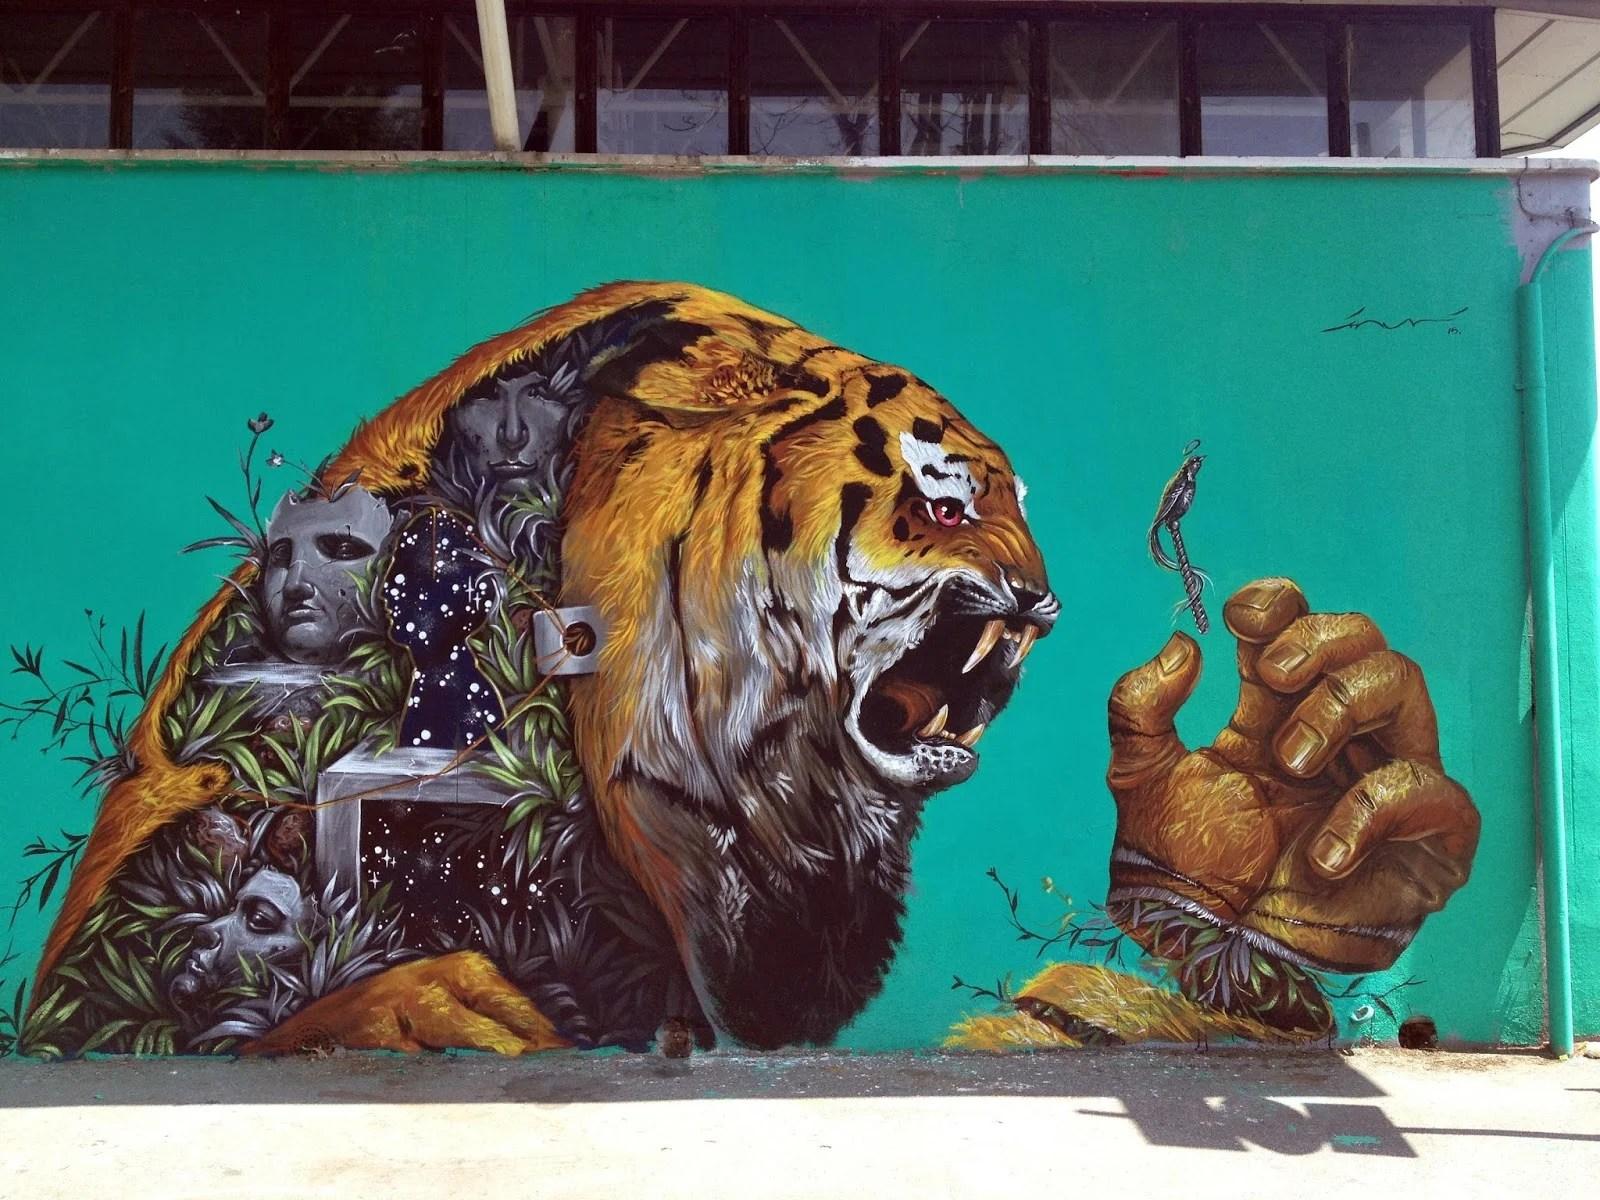 25 de las mejores obras del arte urbano 2015 en el mundo